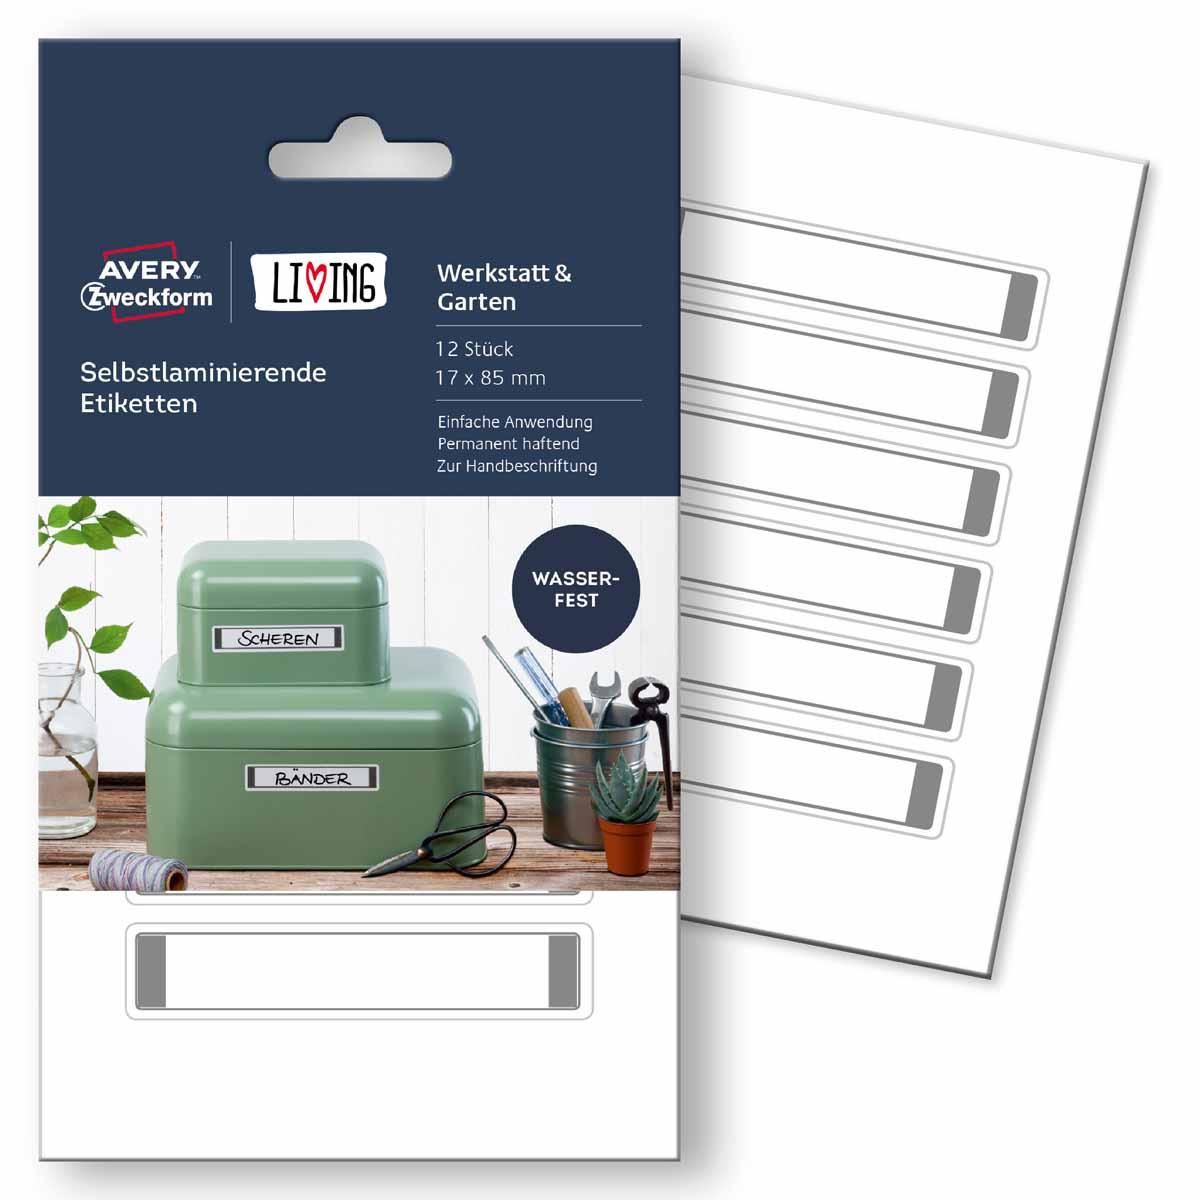 Avery Zweckform Этикетки самоламинирующиеся Living 17 х 85 мм жидкость для удаления этикеток avery zweckform спрей 150 мл